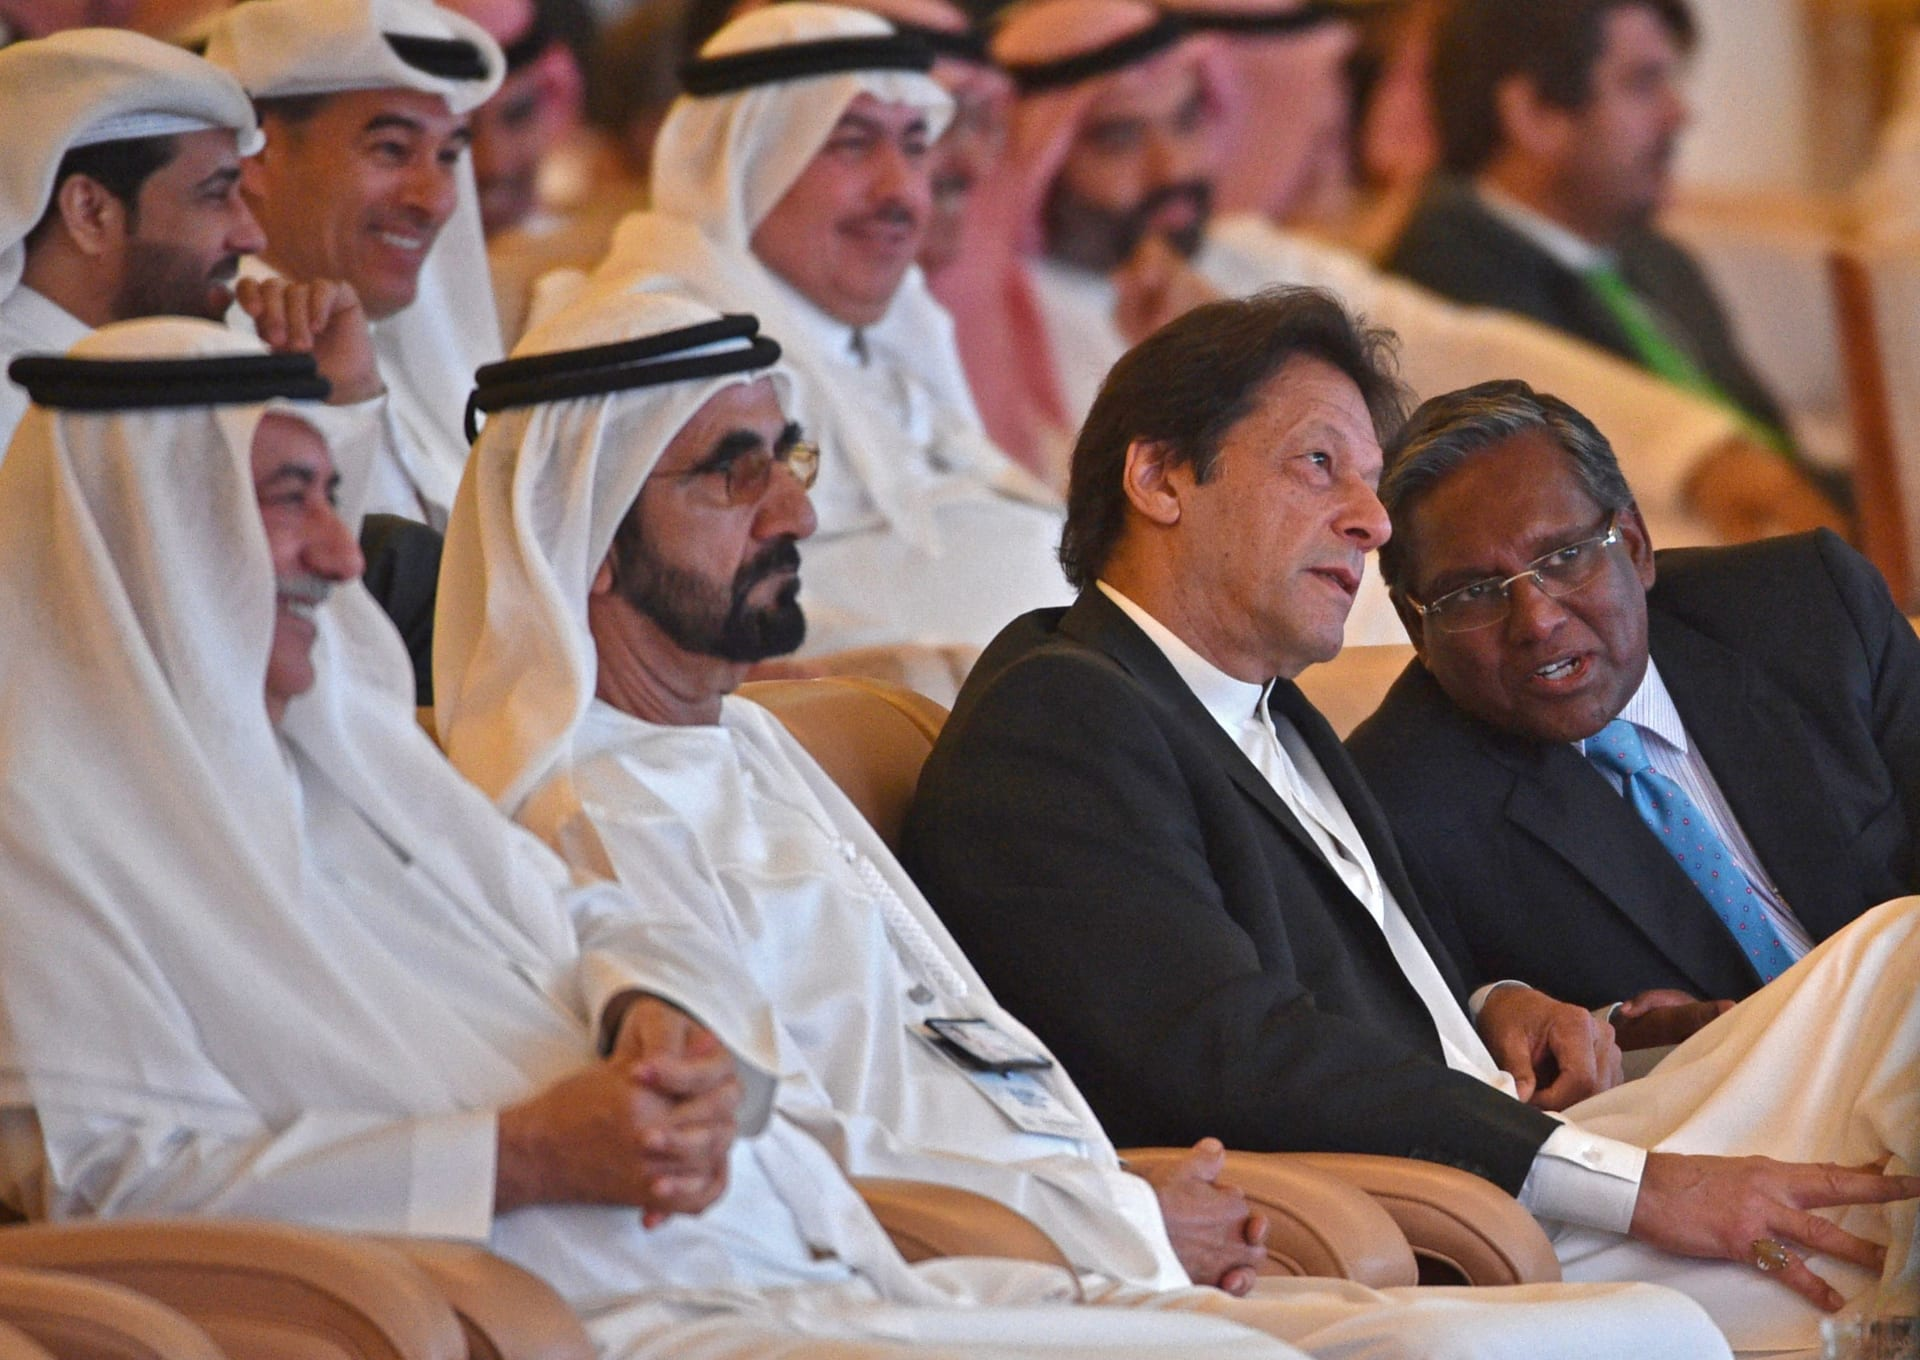 بن راشد خلال المؤتمر السعودي: نعمل مع شركائنا لتطوير رؤى لاقتصاد المستقبل